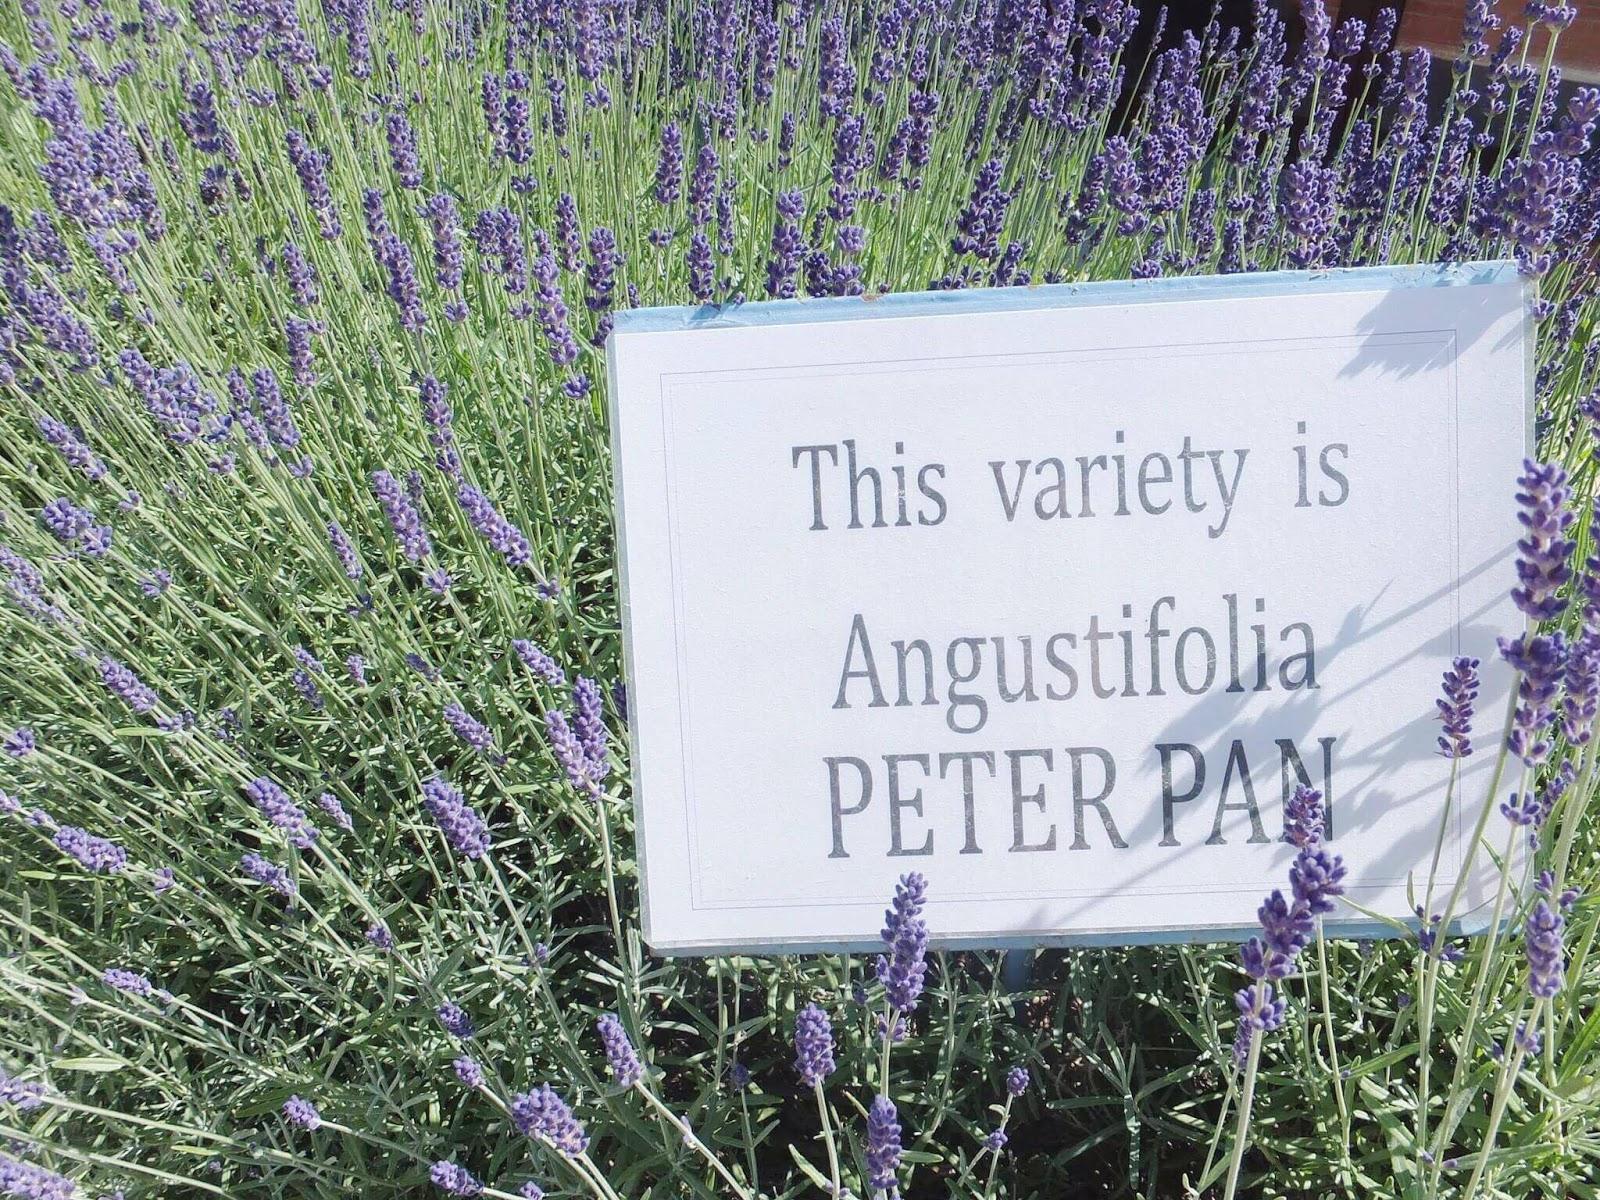 Peter-Pan-Lavender